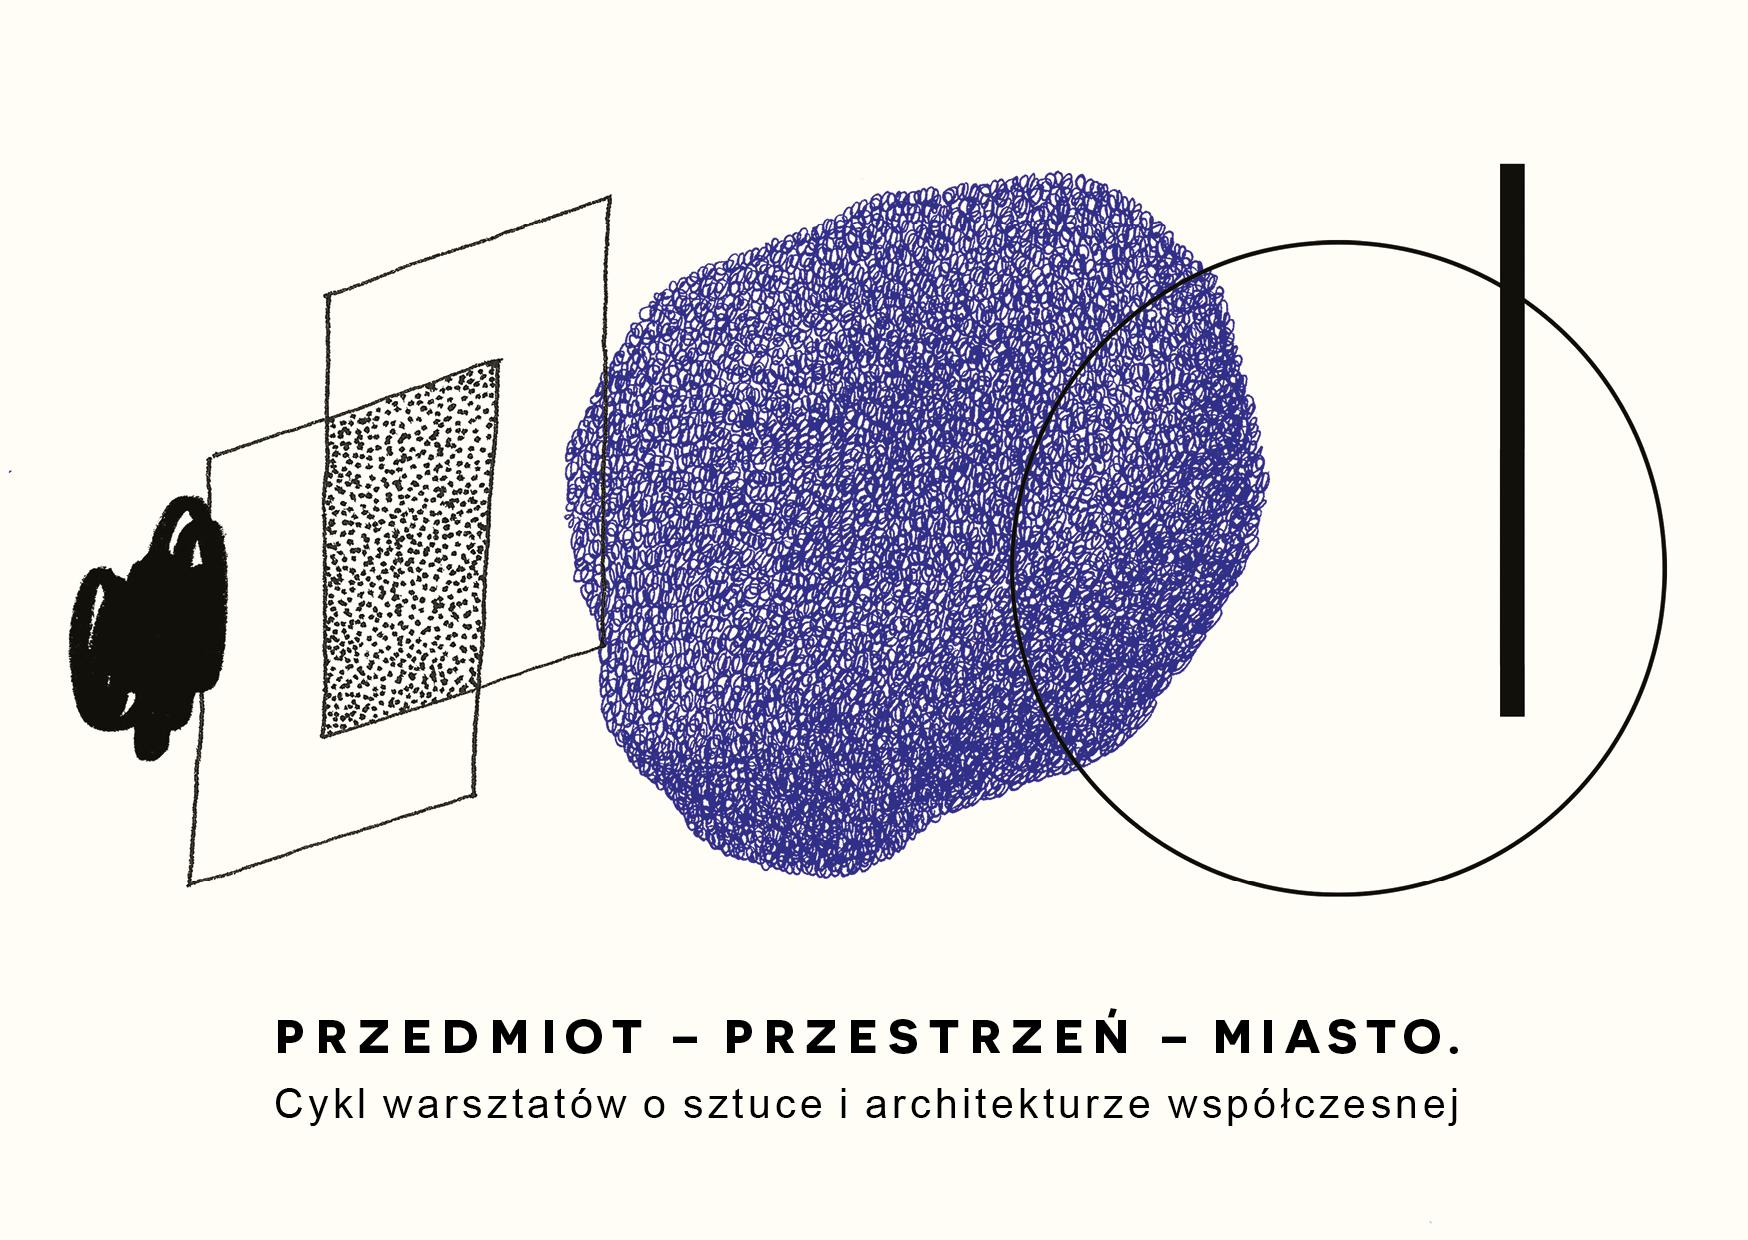 Przedmiot – Przestrzeń – Miasto. O współczesnej sztuce i architekturze (źródło: materiały prasowe organizatora)